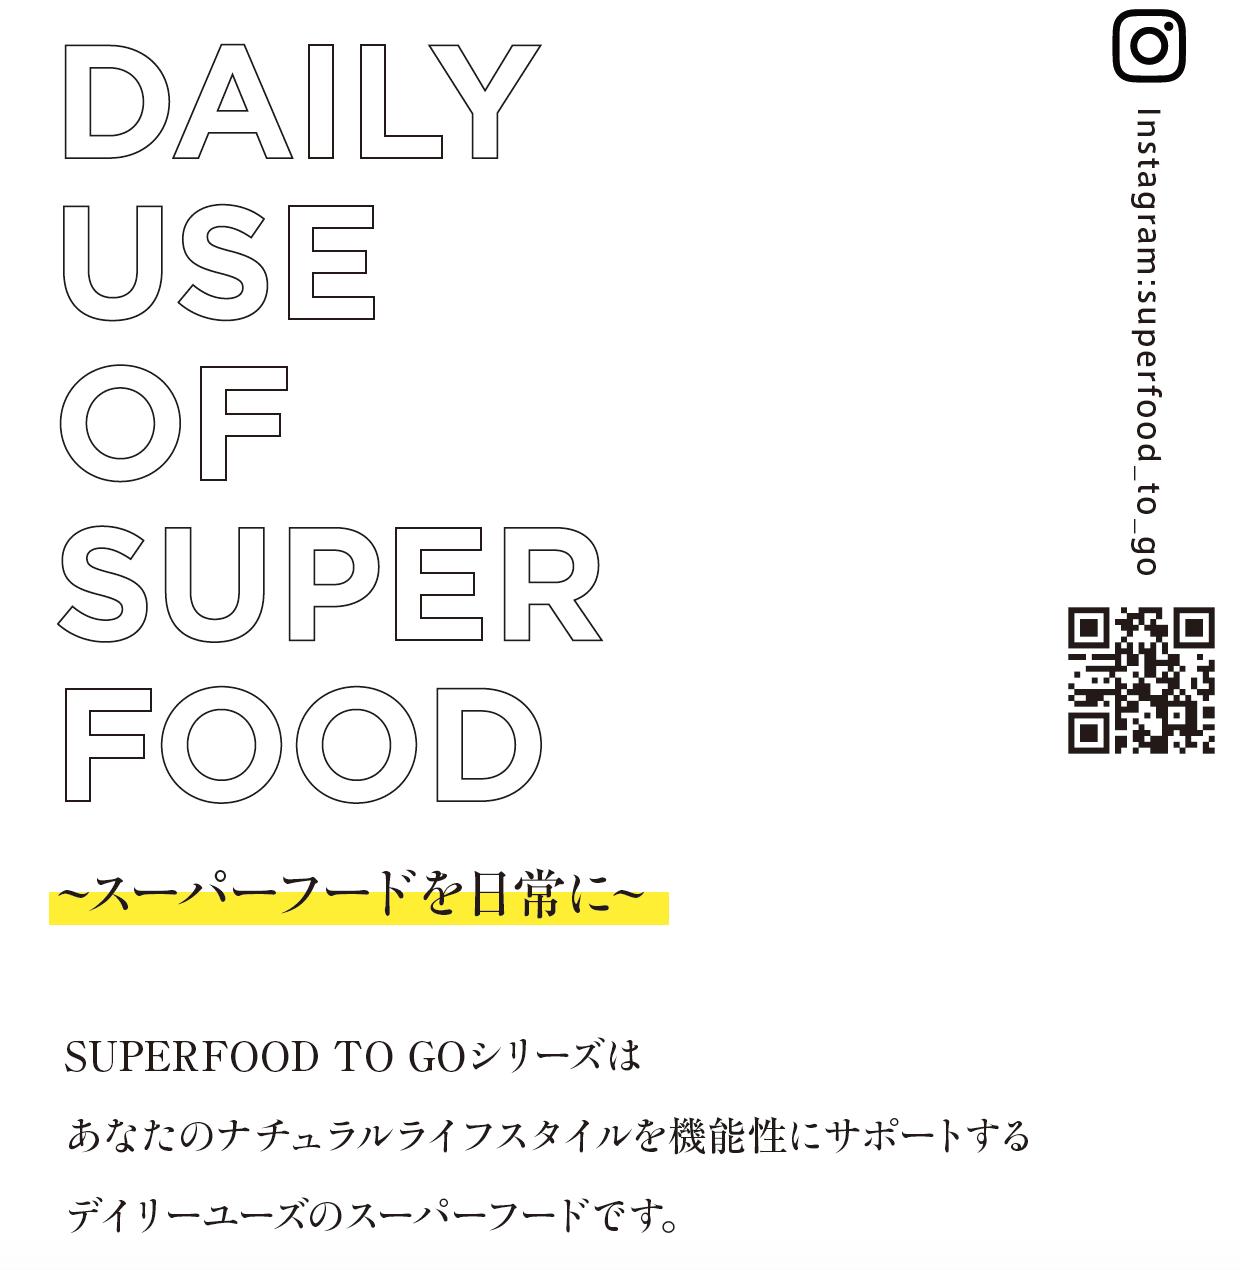 スーパーフードギフトセット6種 コンプリートセット